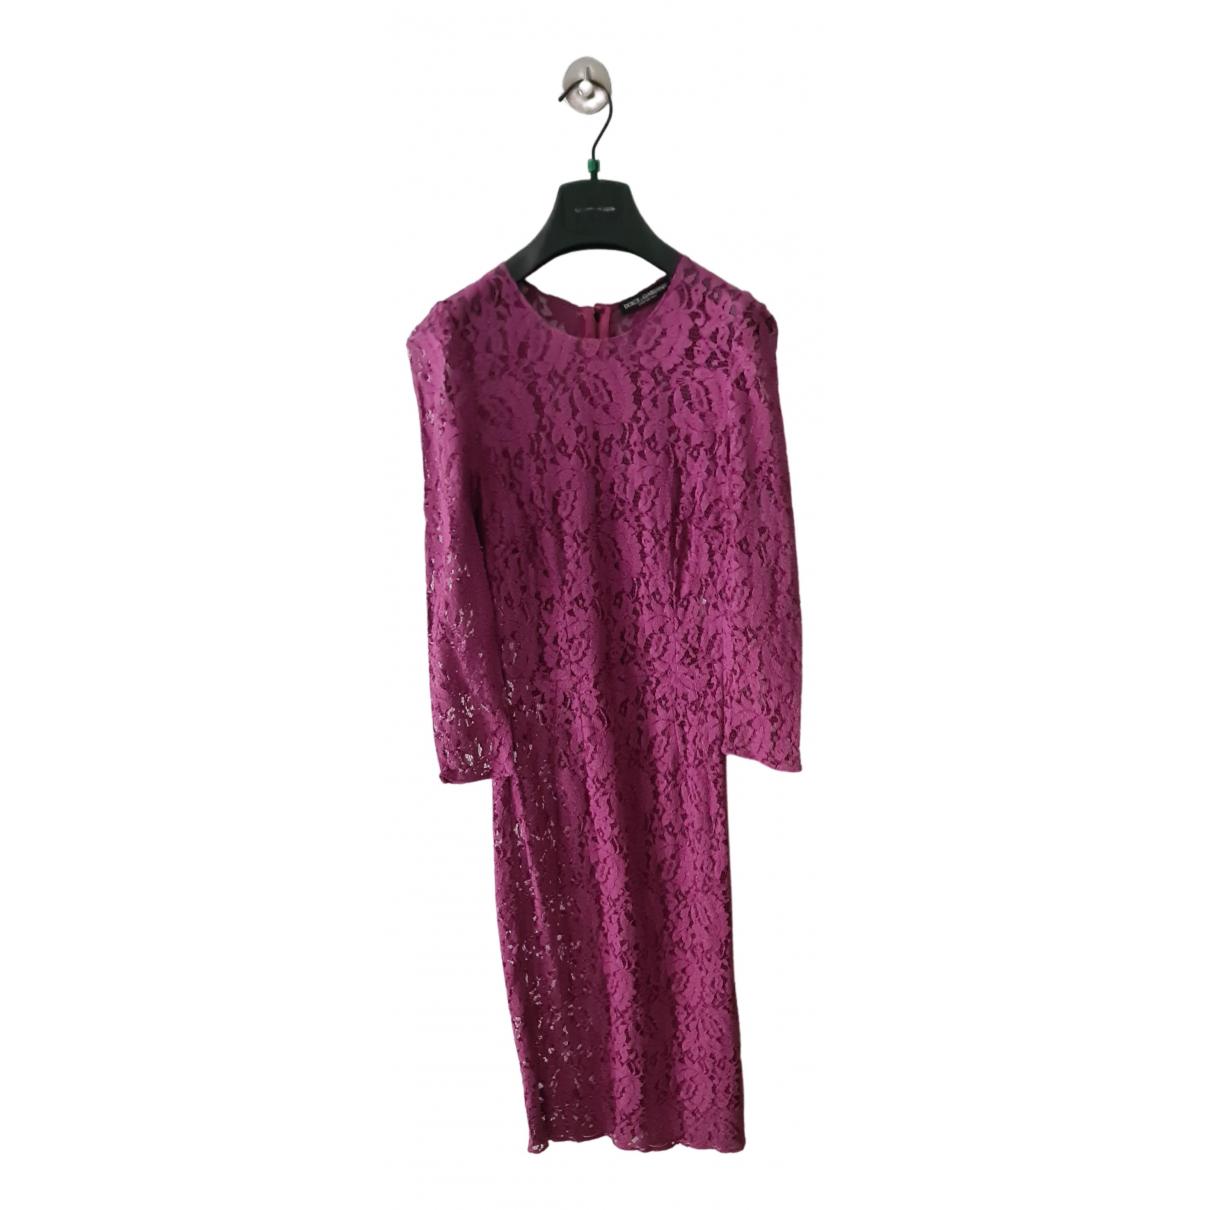 Dolce & Gabbana N dress for Women 38 IT